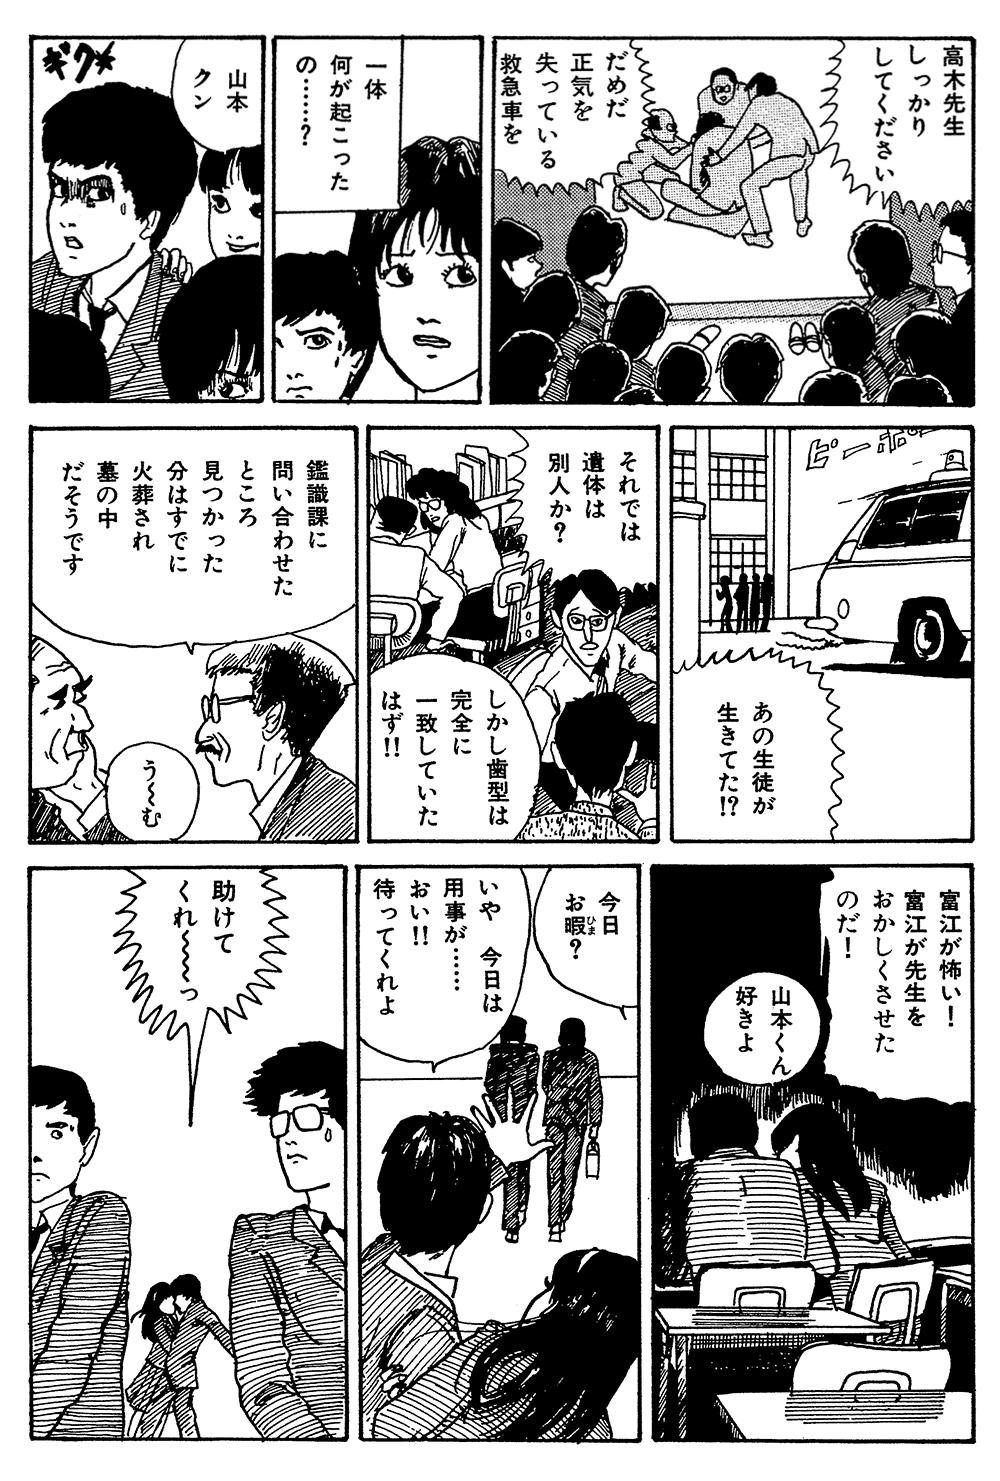 伊藤潤二傑作集 第1話「富江」①tomie1-1-9.jpg